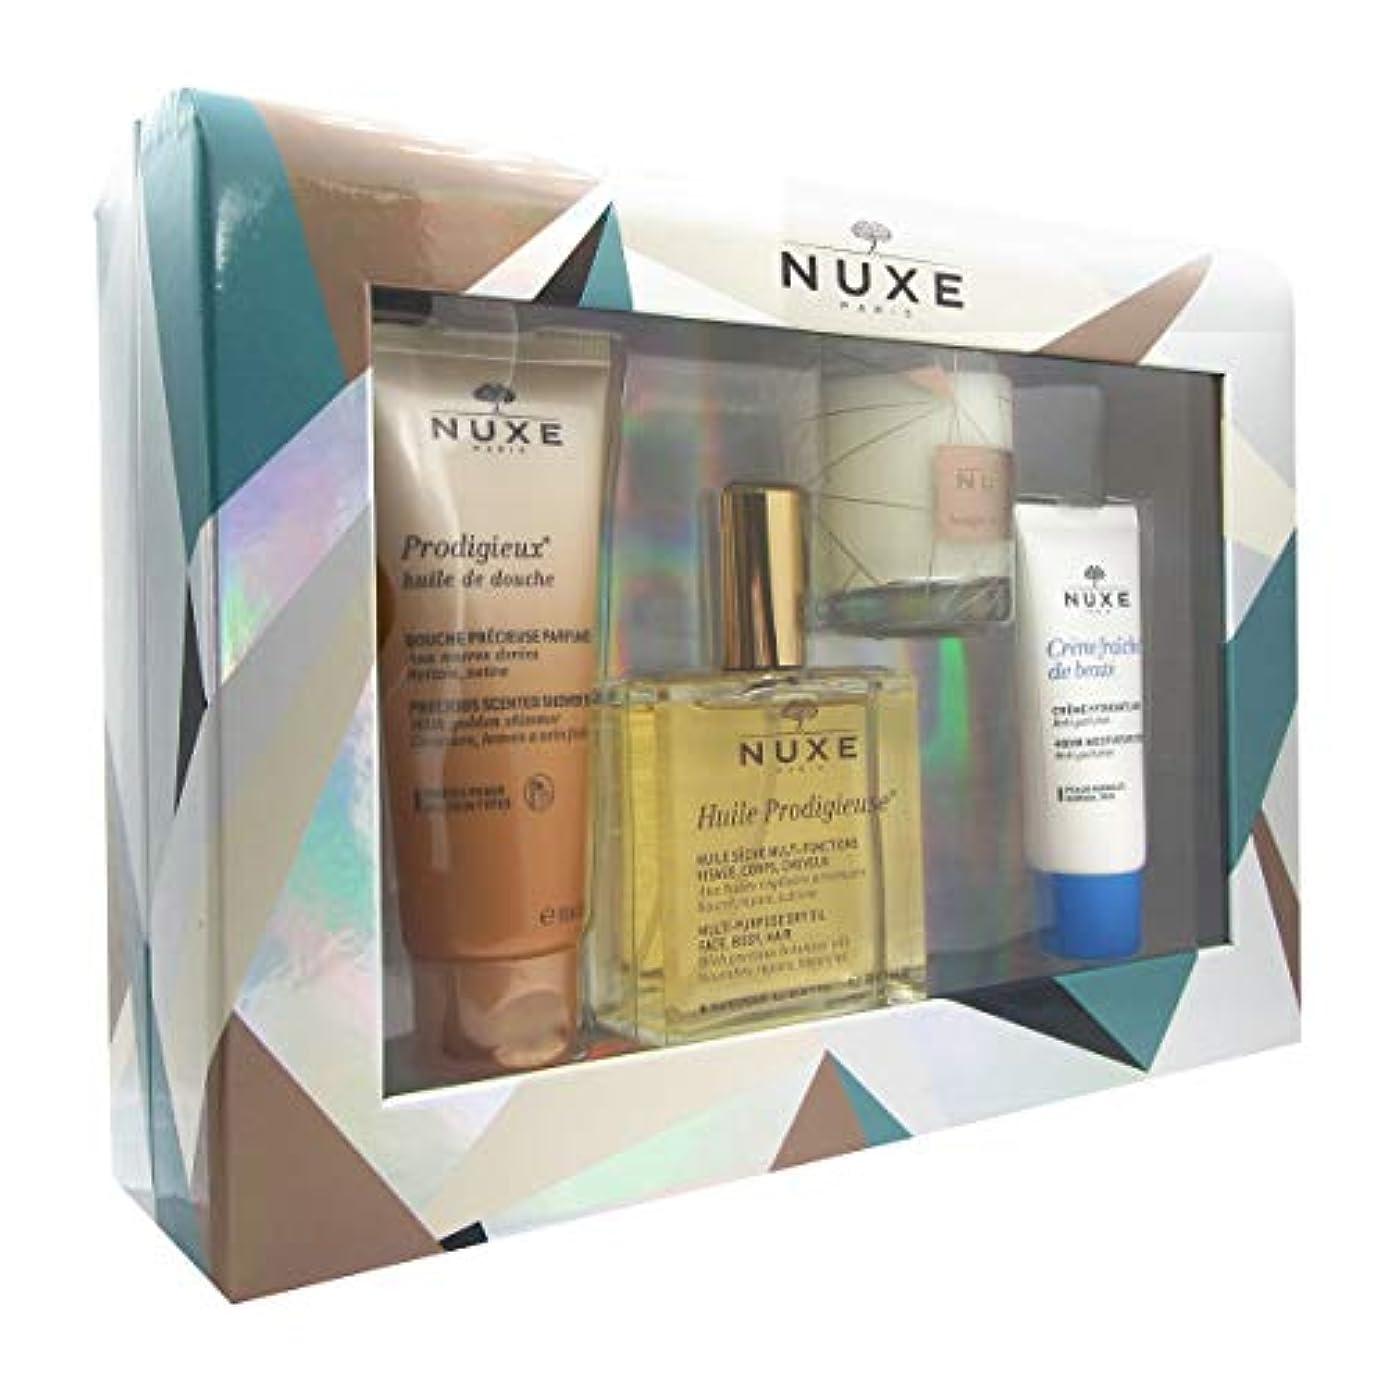 ニュクス[NUXE] 2018 プロディジュー オイル 限定販売品 超お買い得です 海外直送品